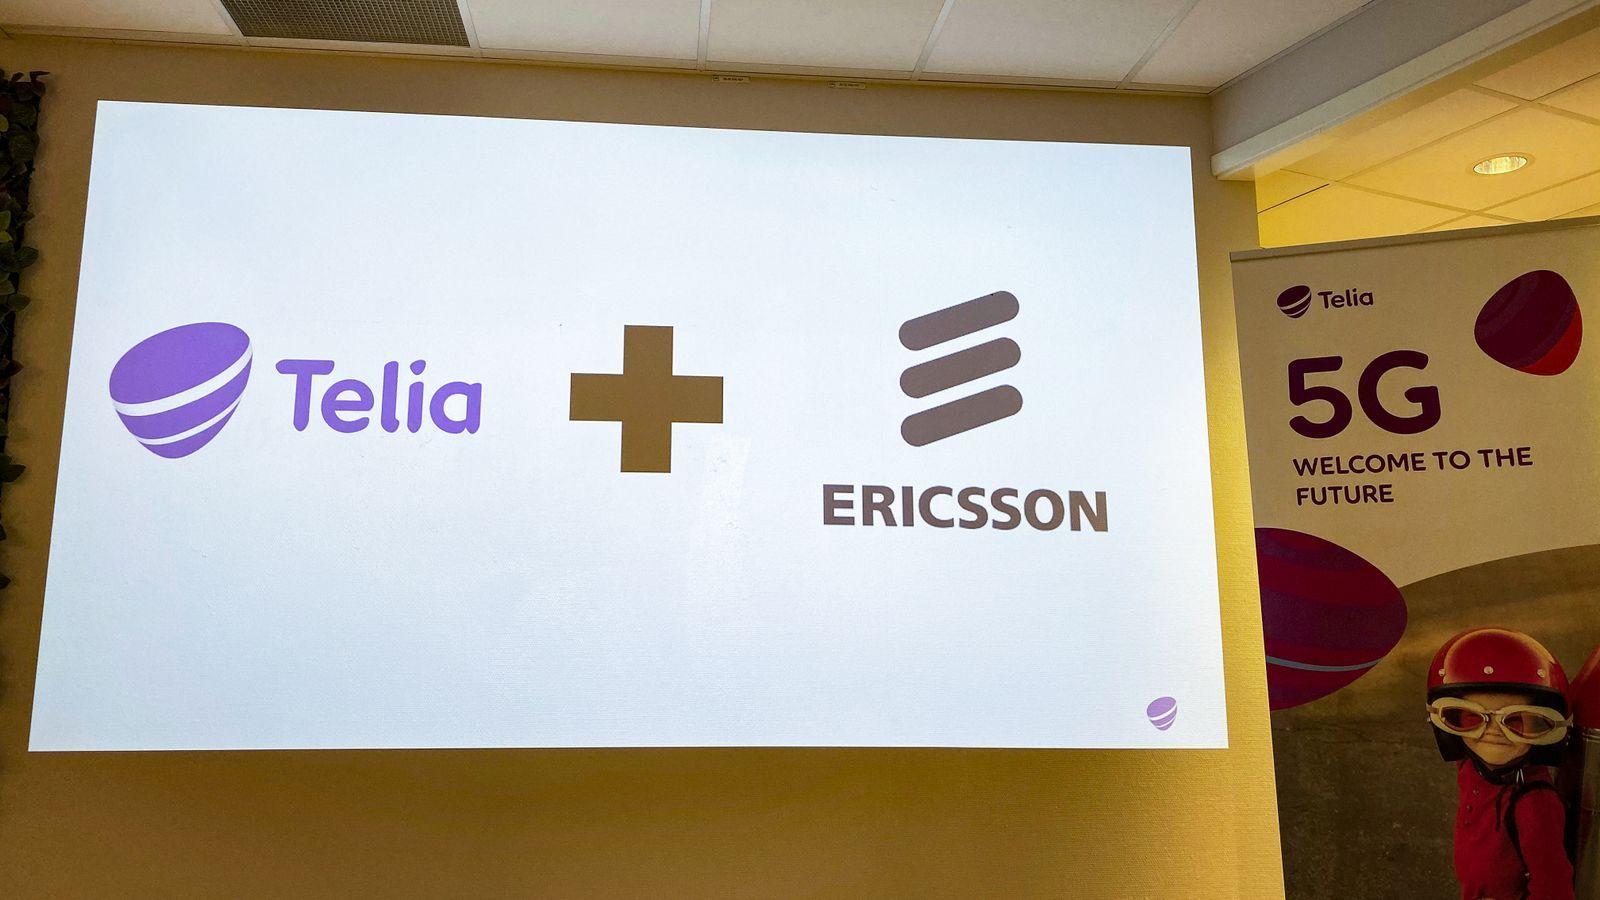 Telia bruker Ericssson som leverandør av 5G-utstyr. Her fra da de offentliggjorde hvem som fikk kontrakten på senhøsten 2019. Noe stort åpningsarrangement i Trondheim har de hoppet over denne gang, på grunn av viruspandemien.